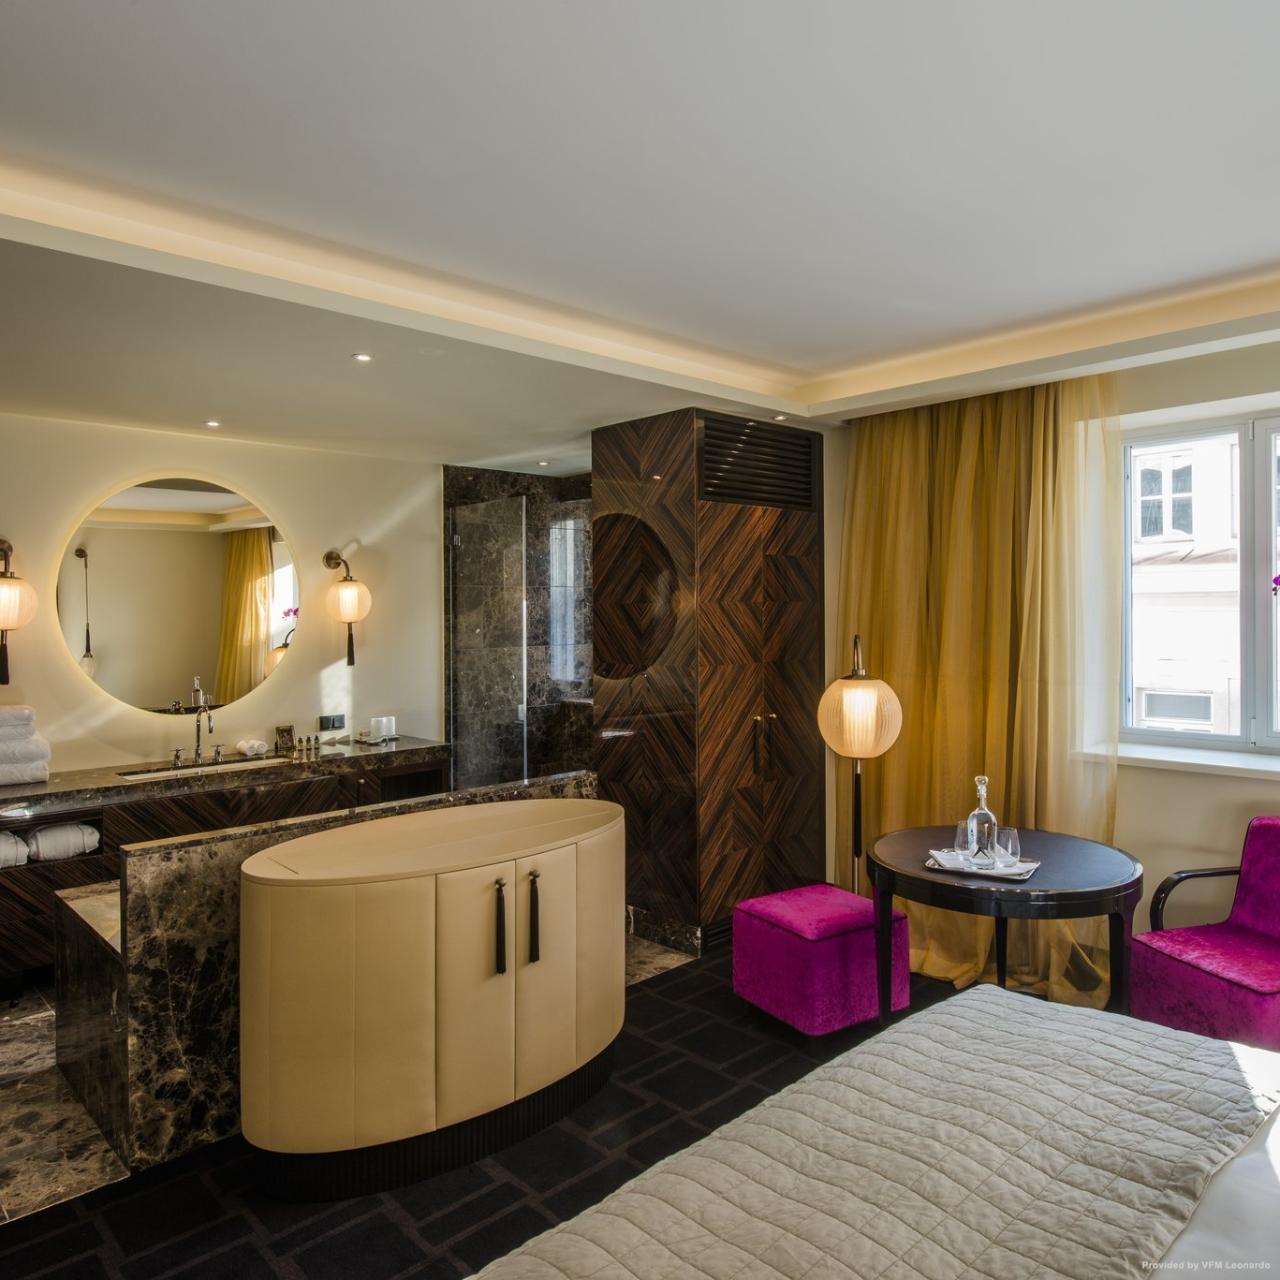 Hotel Lamee